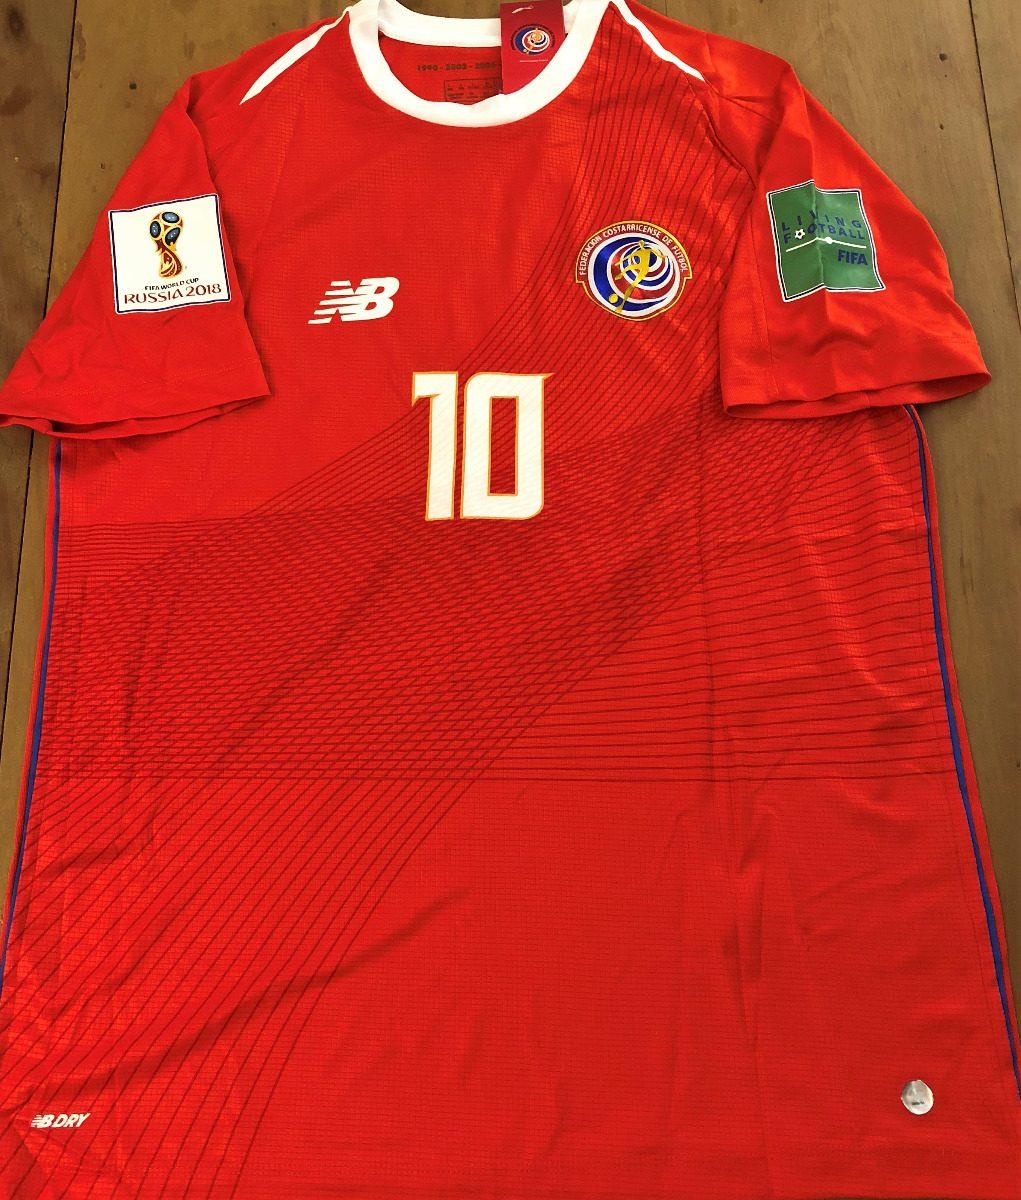 2e41e5d6e camisa costa rica copa do mundo 2018 bryan  10 completa. Carregando zoom.